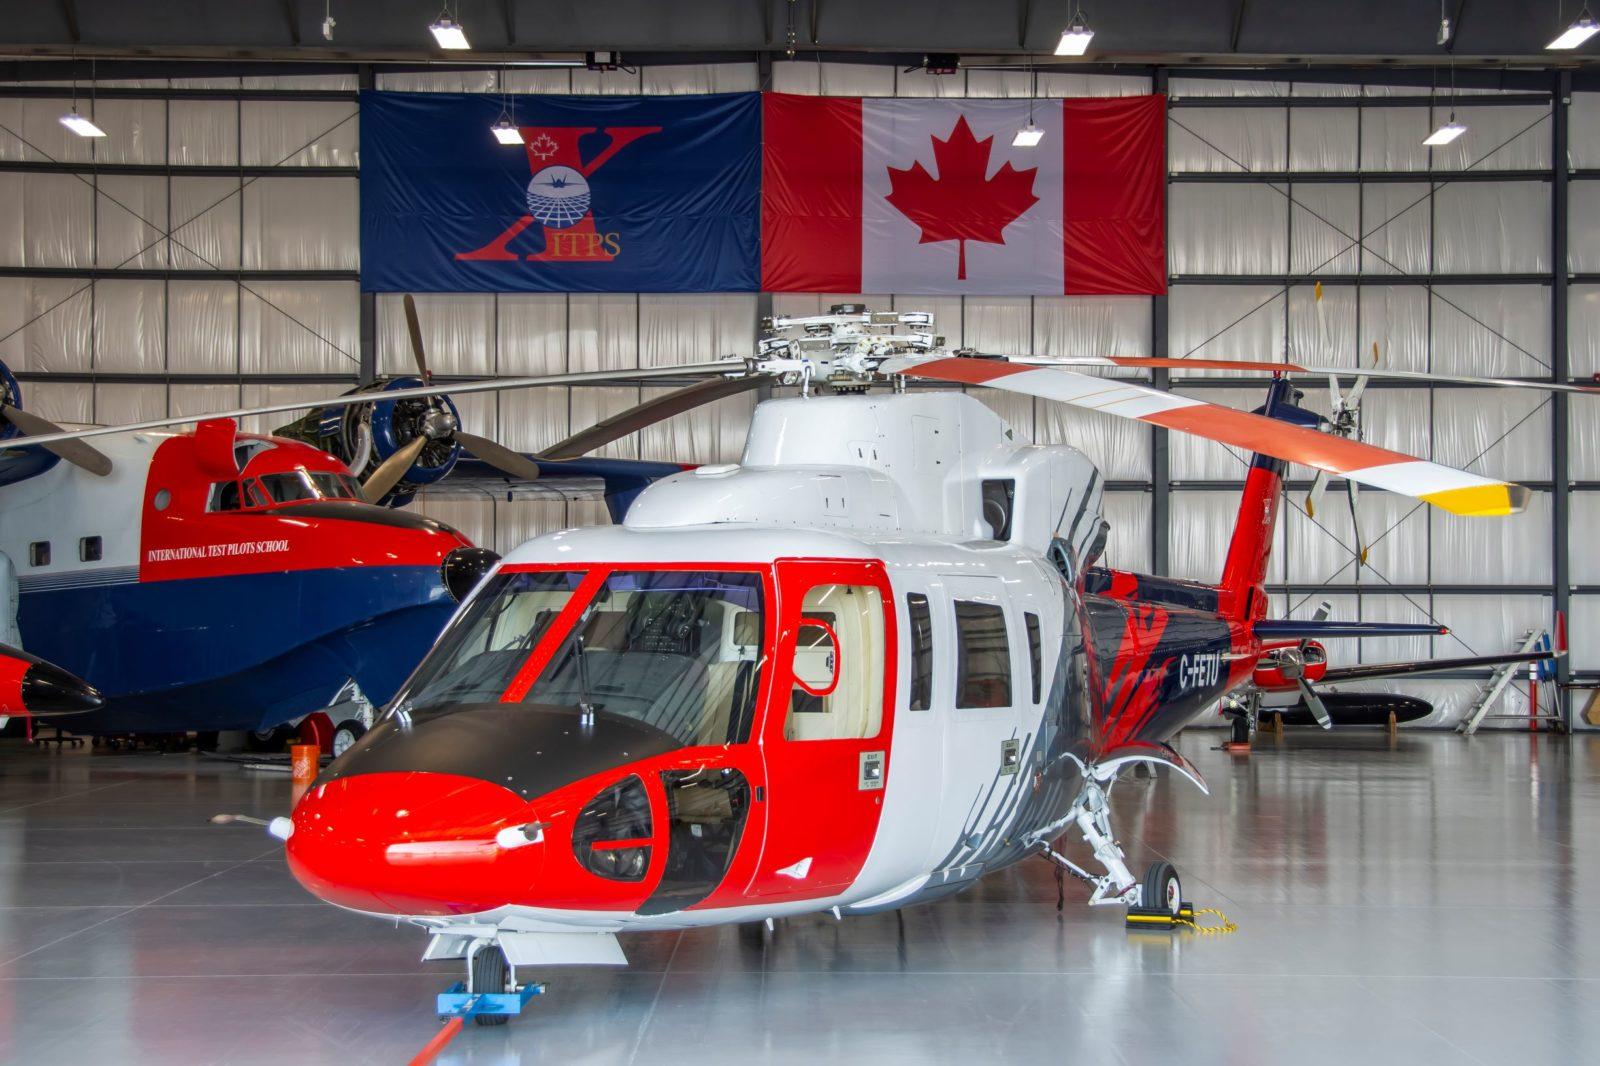 Sikorsky S-76 in the hangar